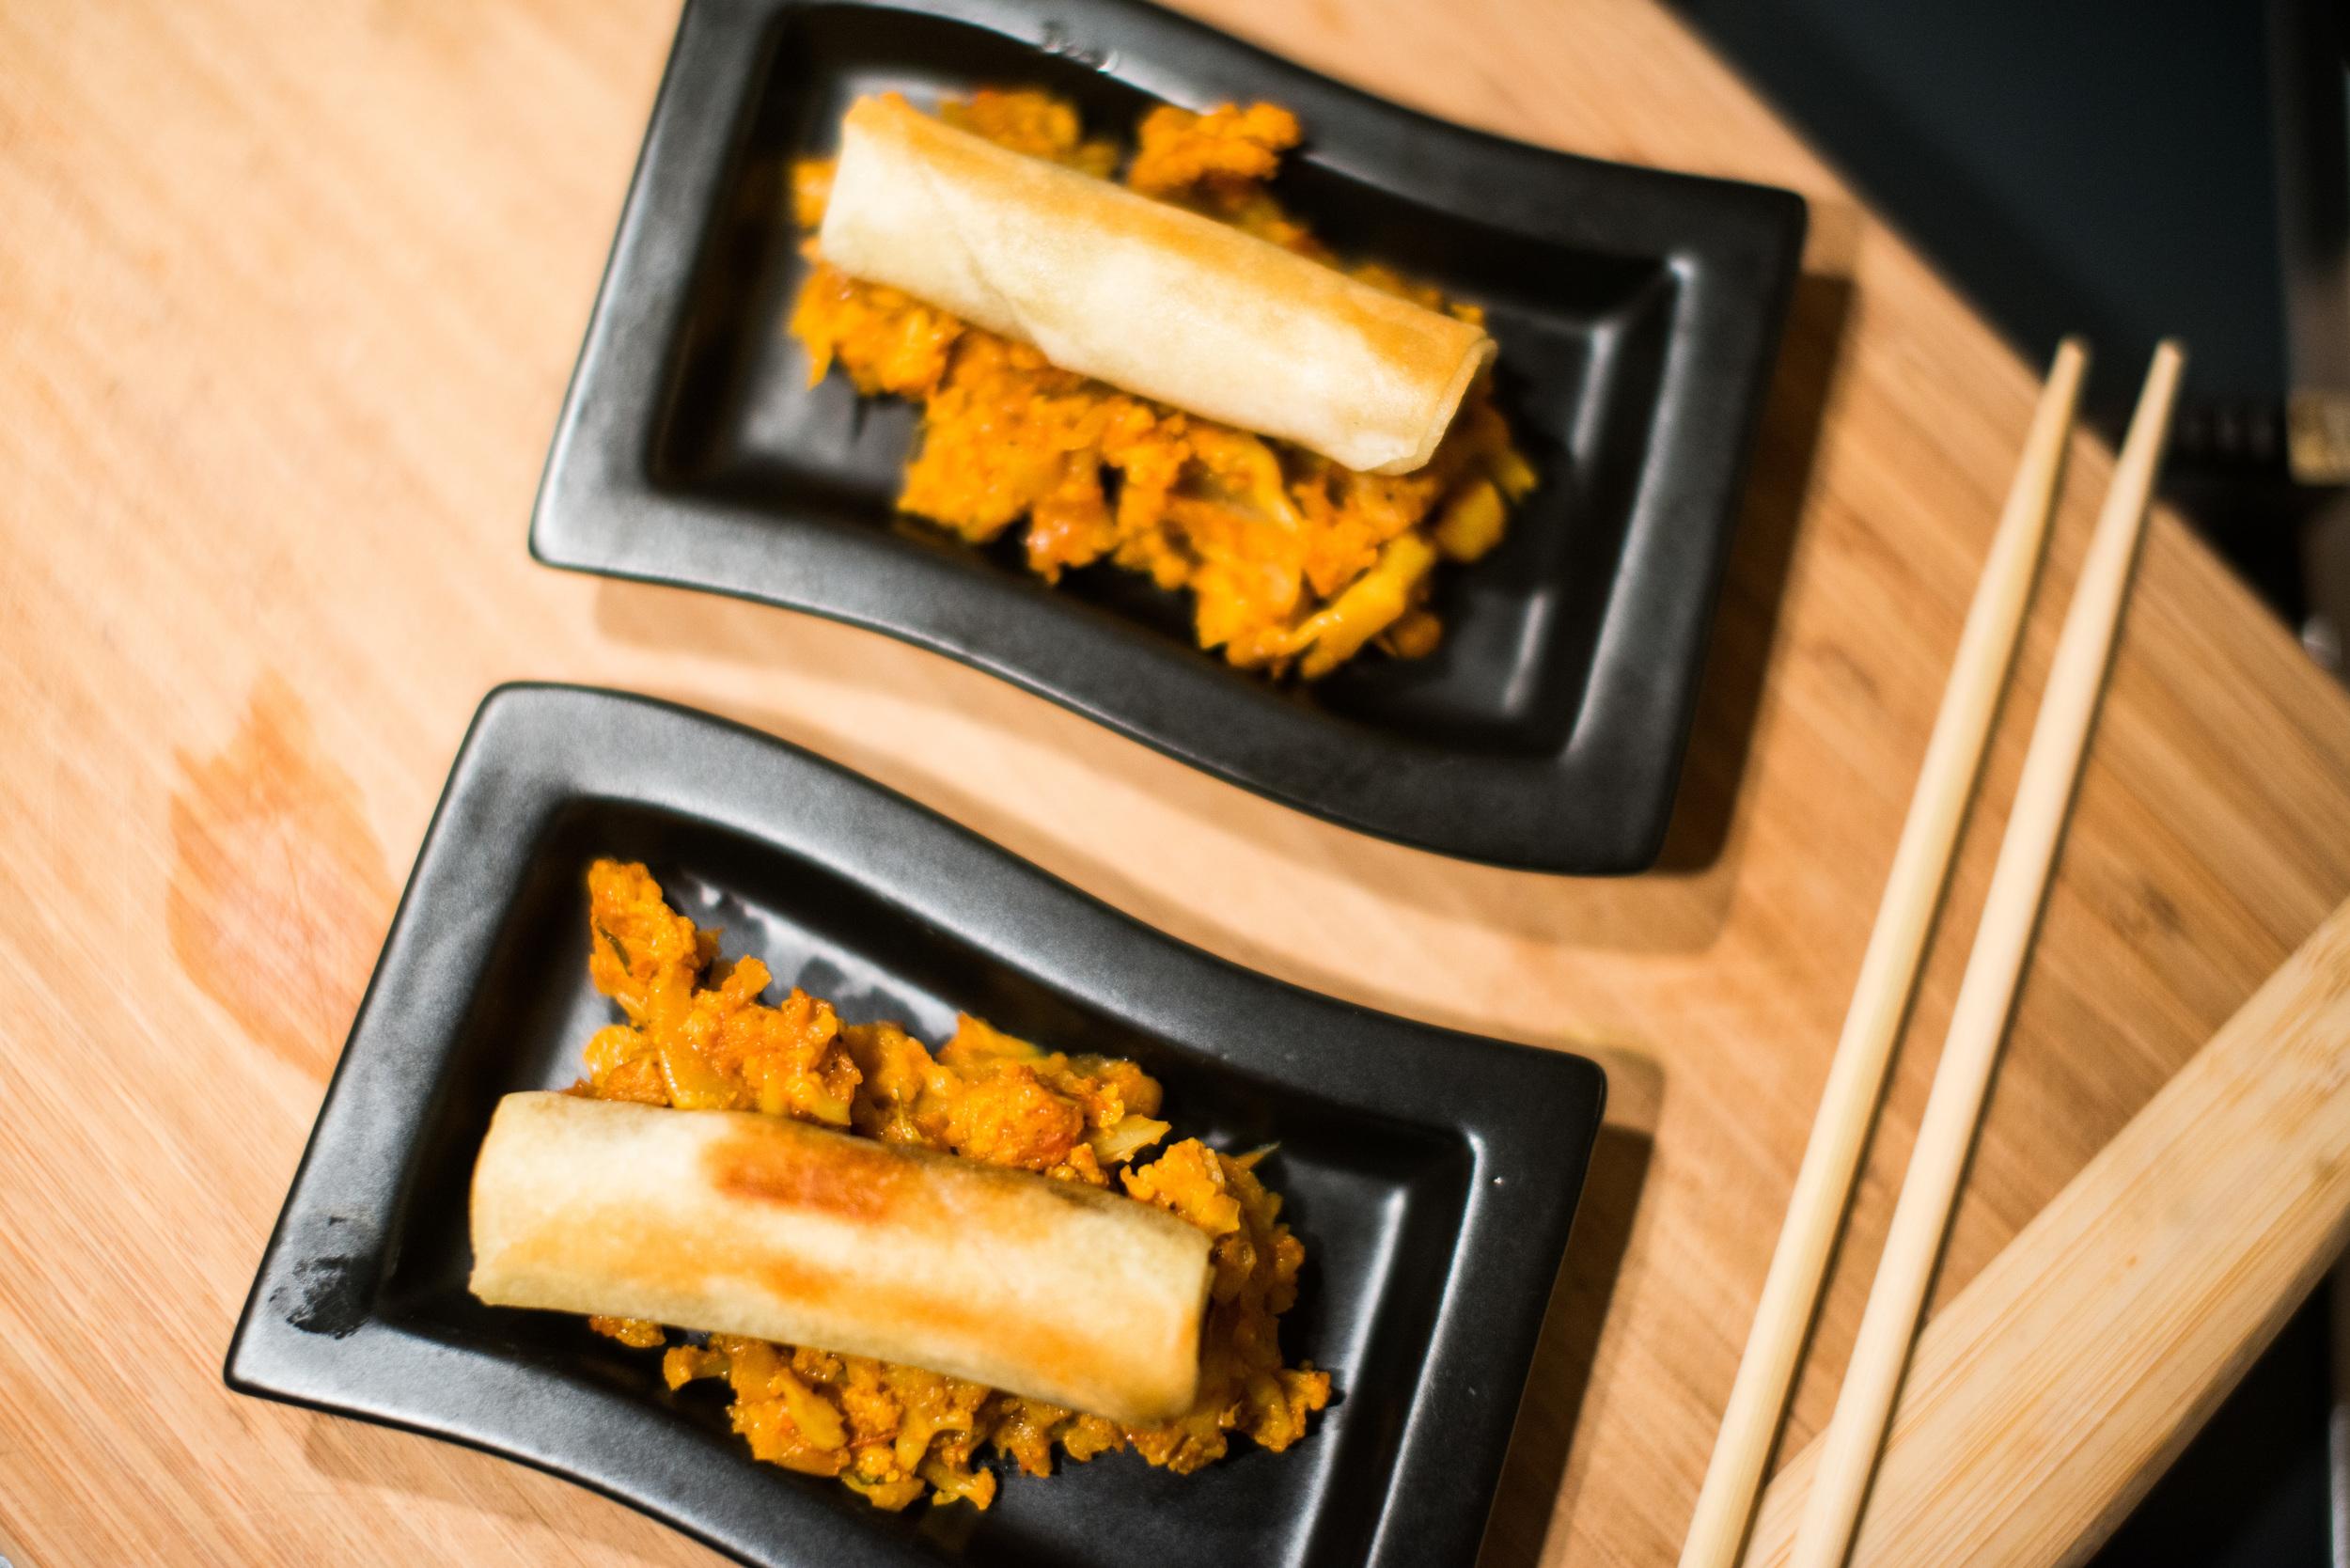 Spoilt-Private-Dining-9196.jpg